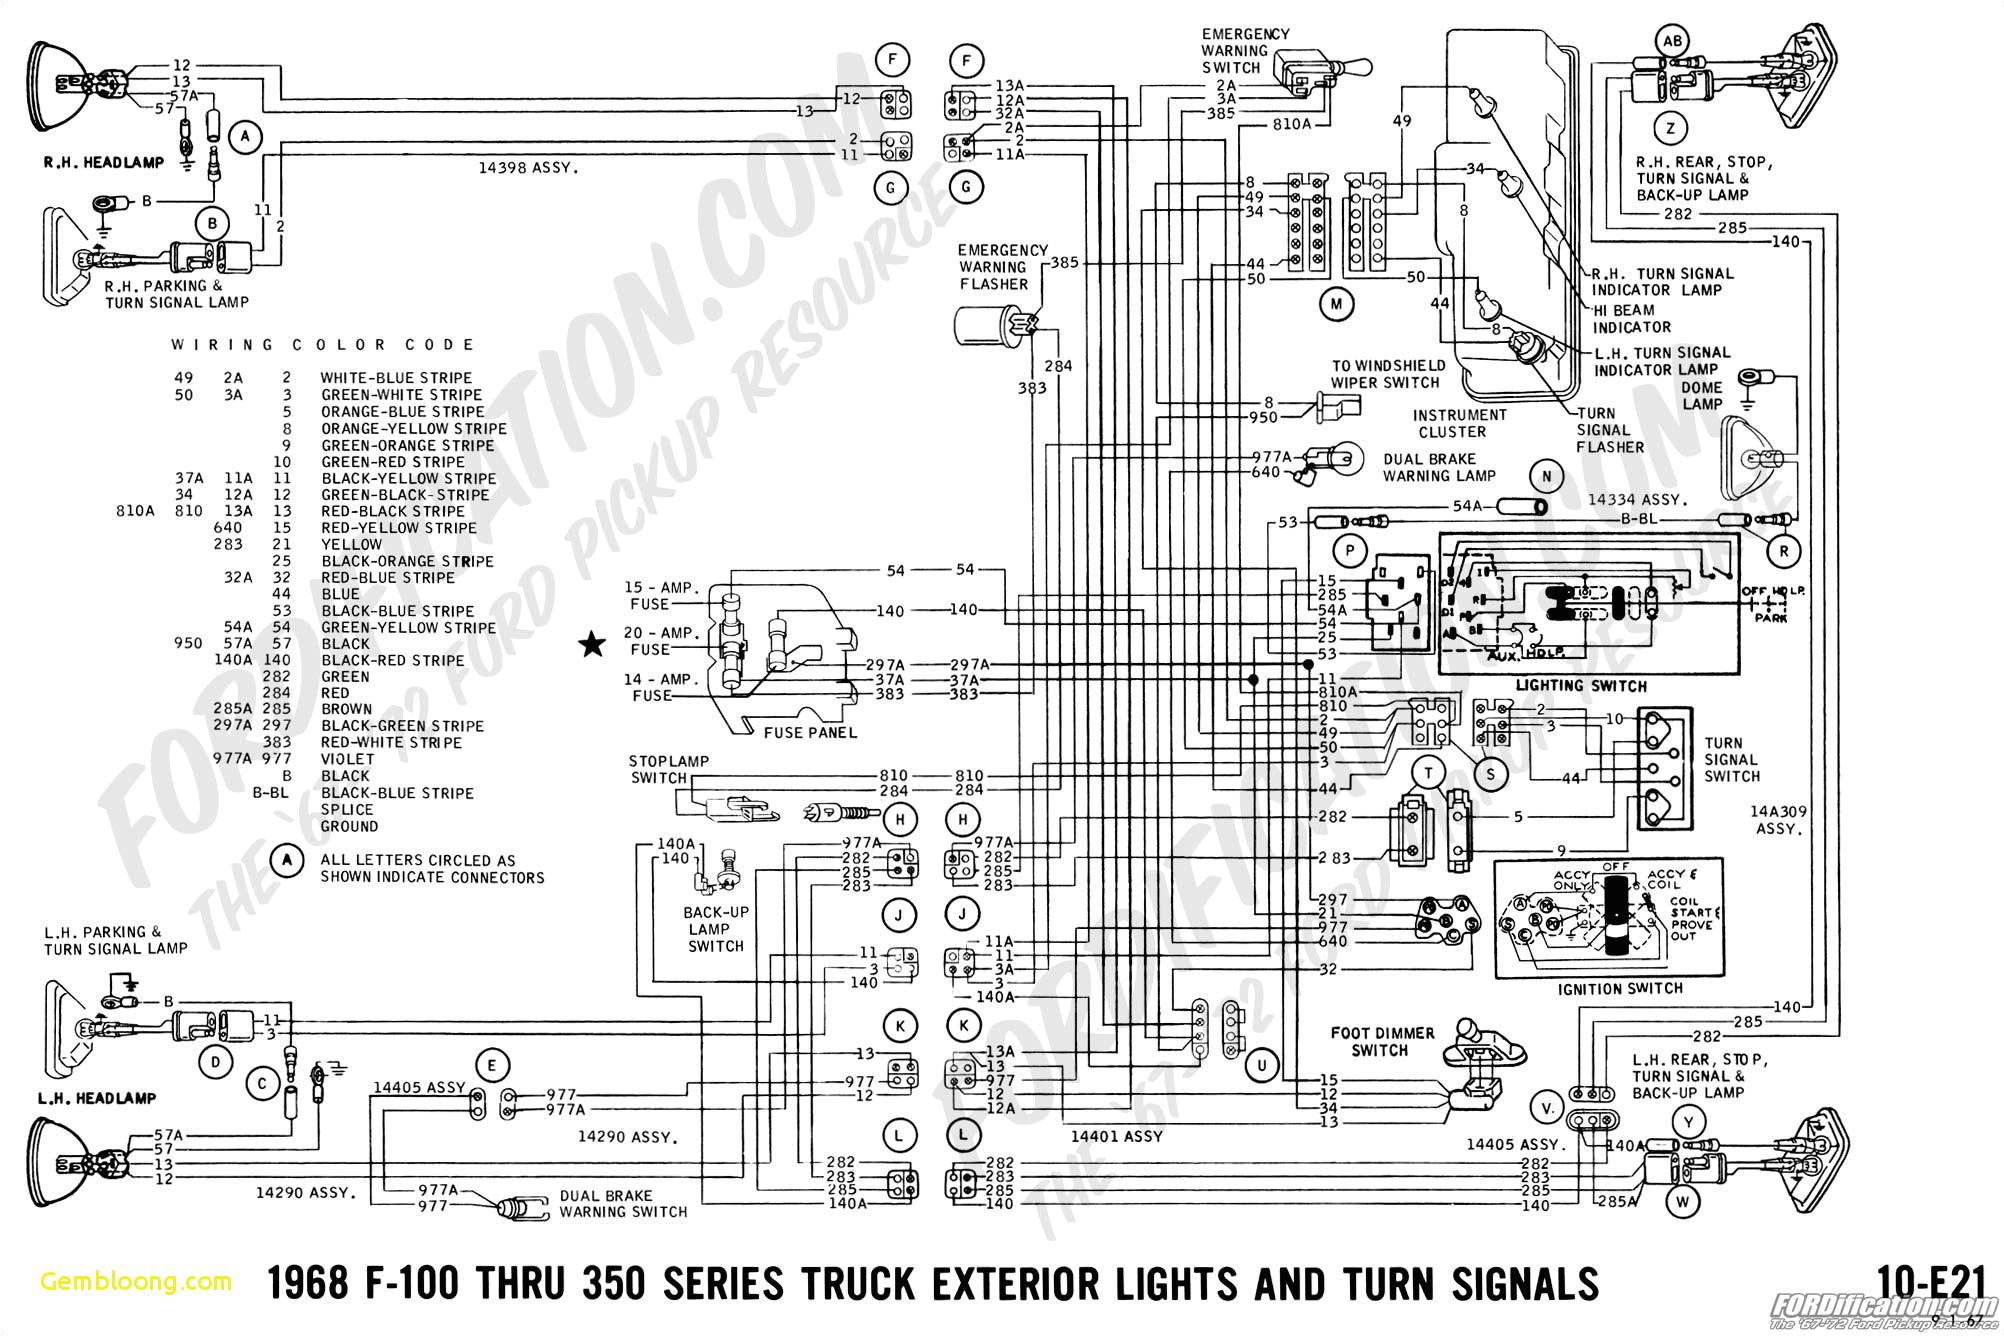 1969 mustang turn signal wiring diagram wiring diagram view 1968 mustang turn signal wiring diagram wiring